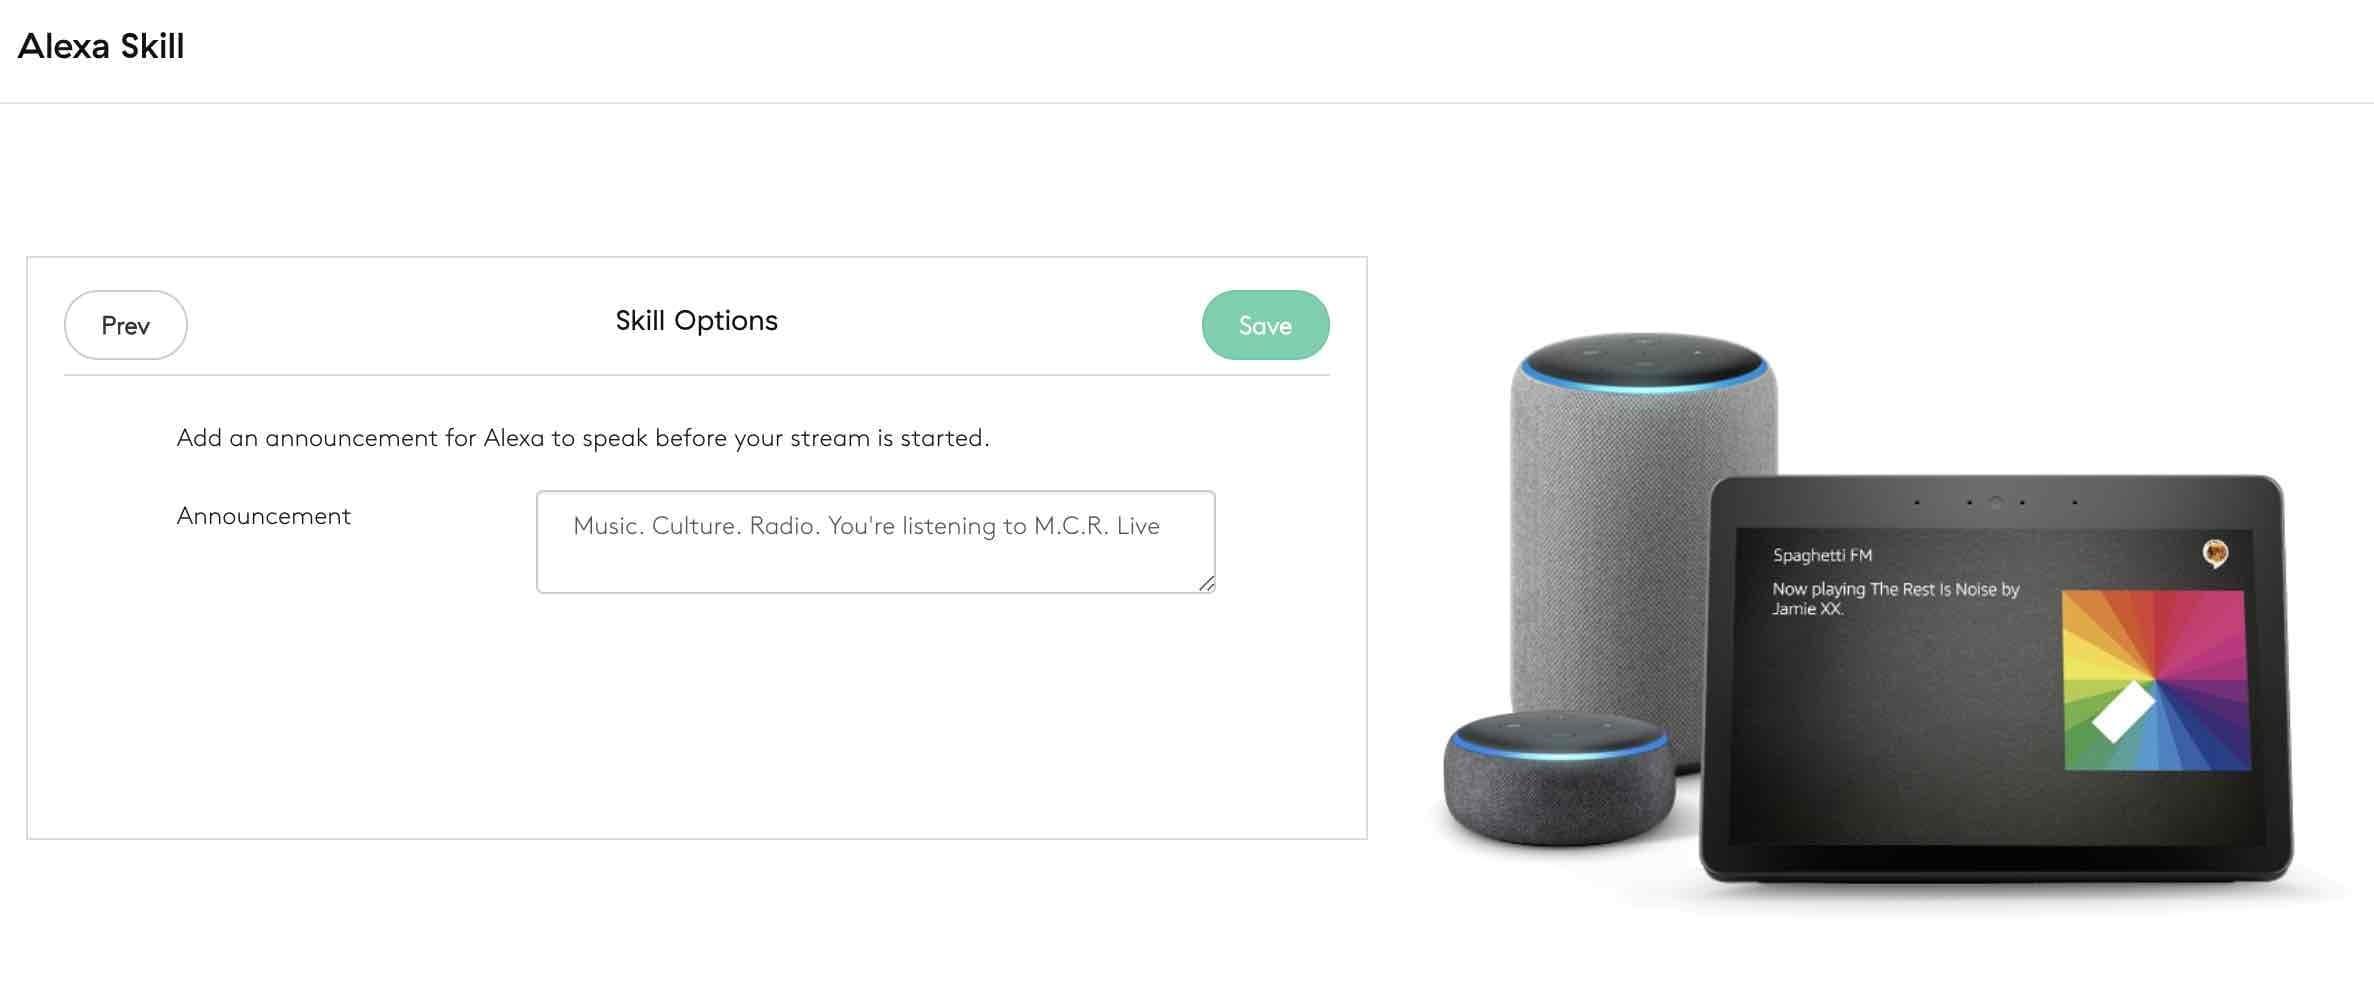 Amazon Alexa Skill Step 5